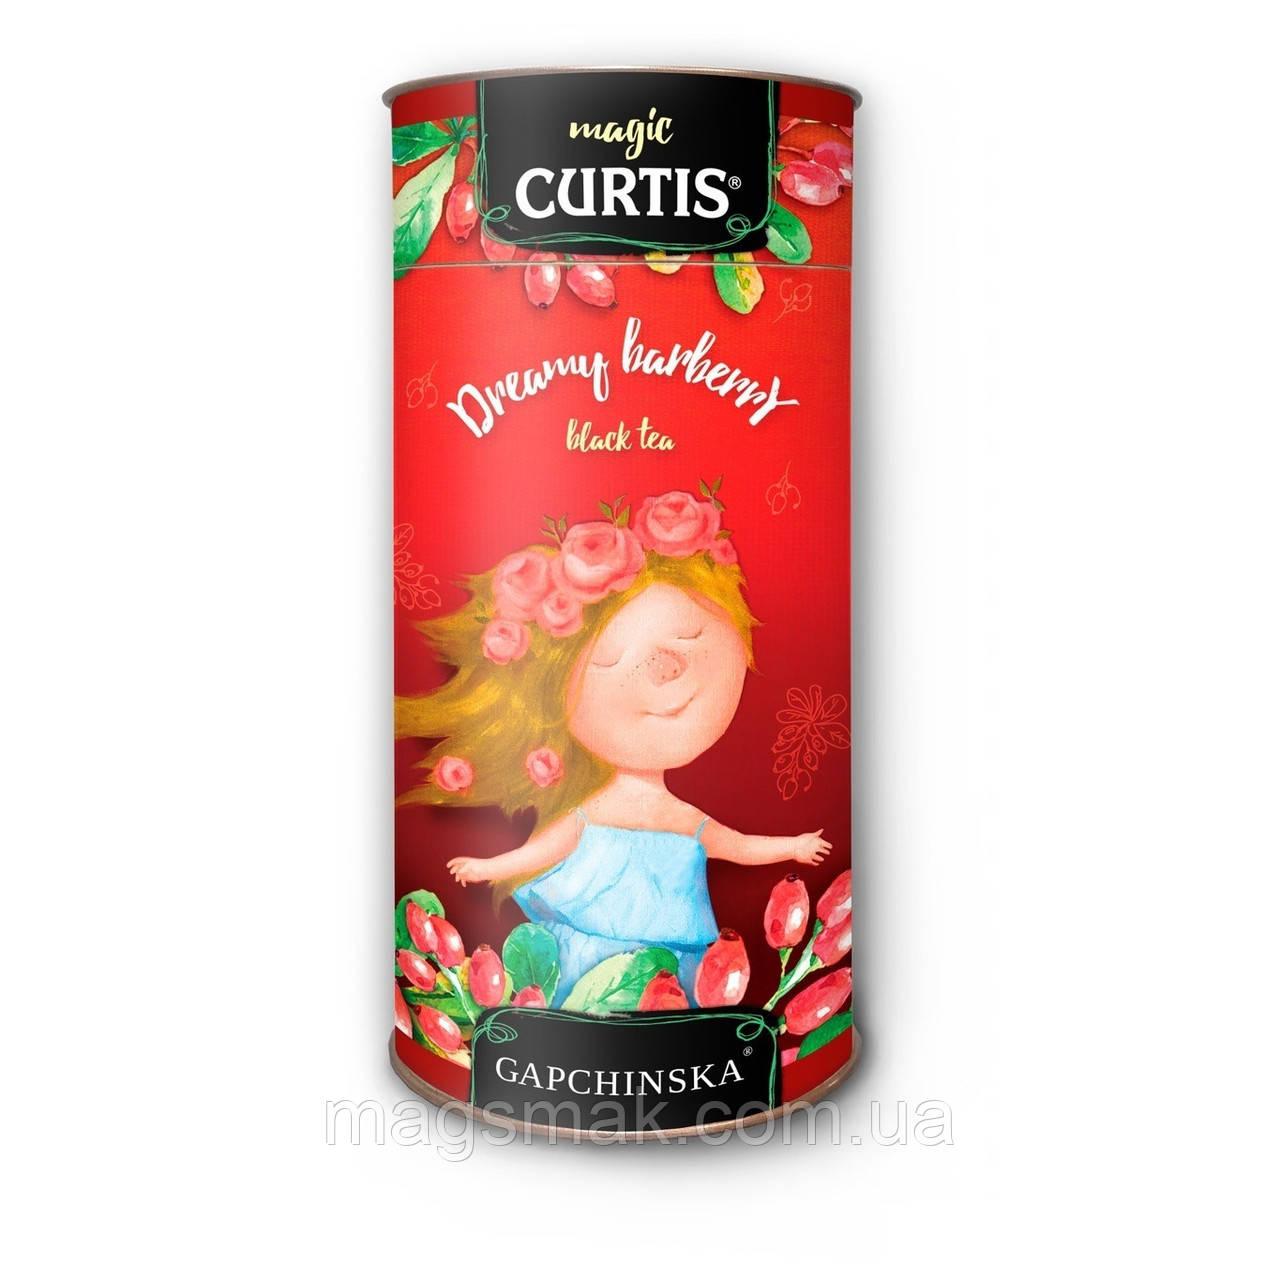 Чай черный Curtis Dreamy Barberry 80г